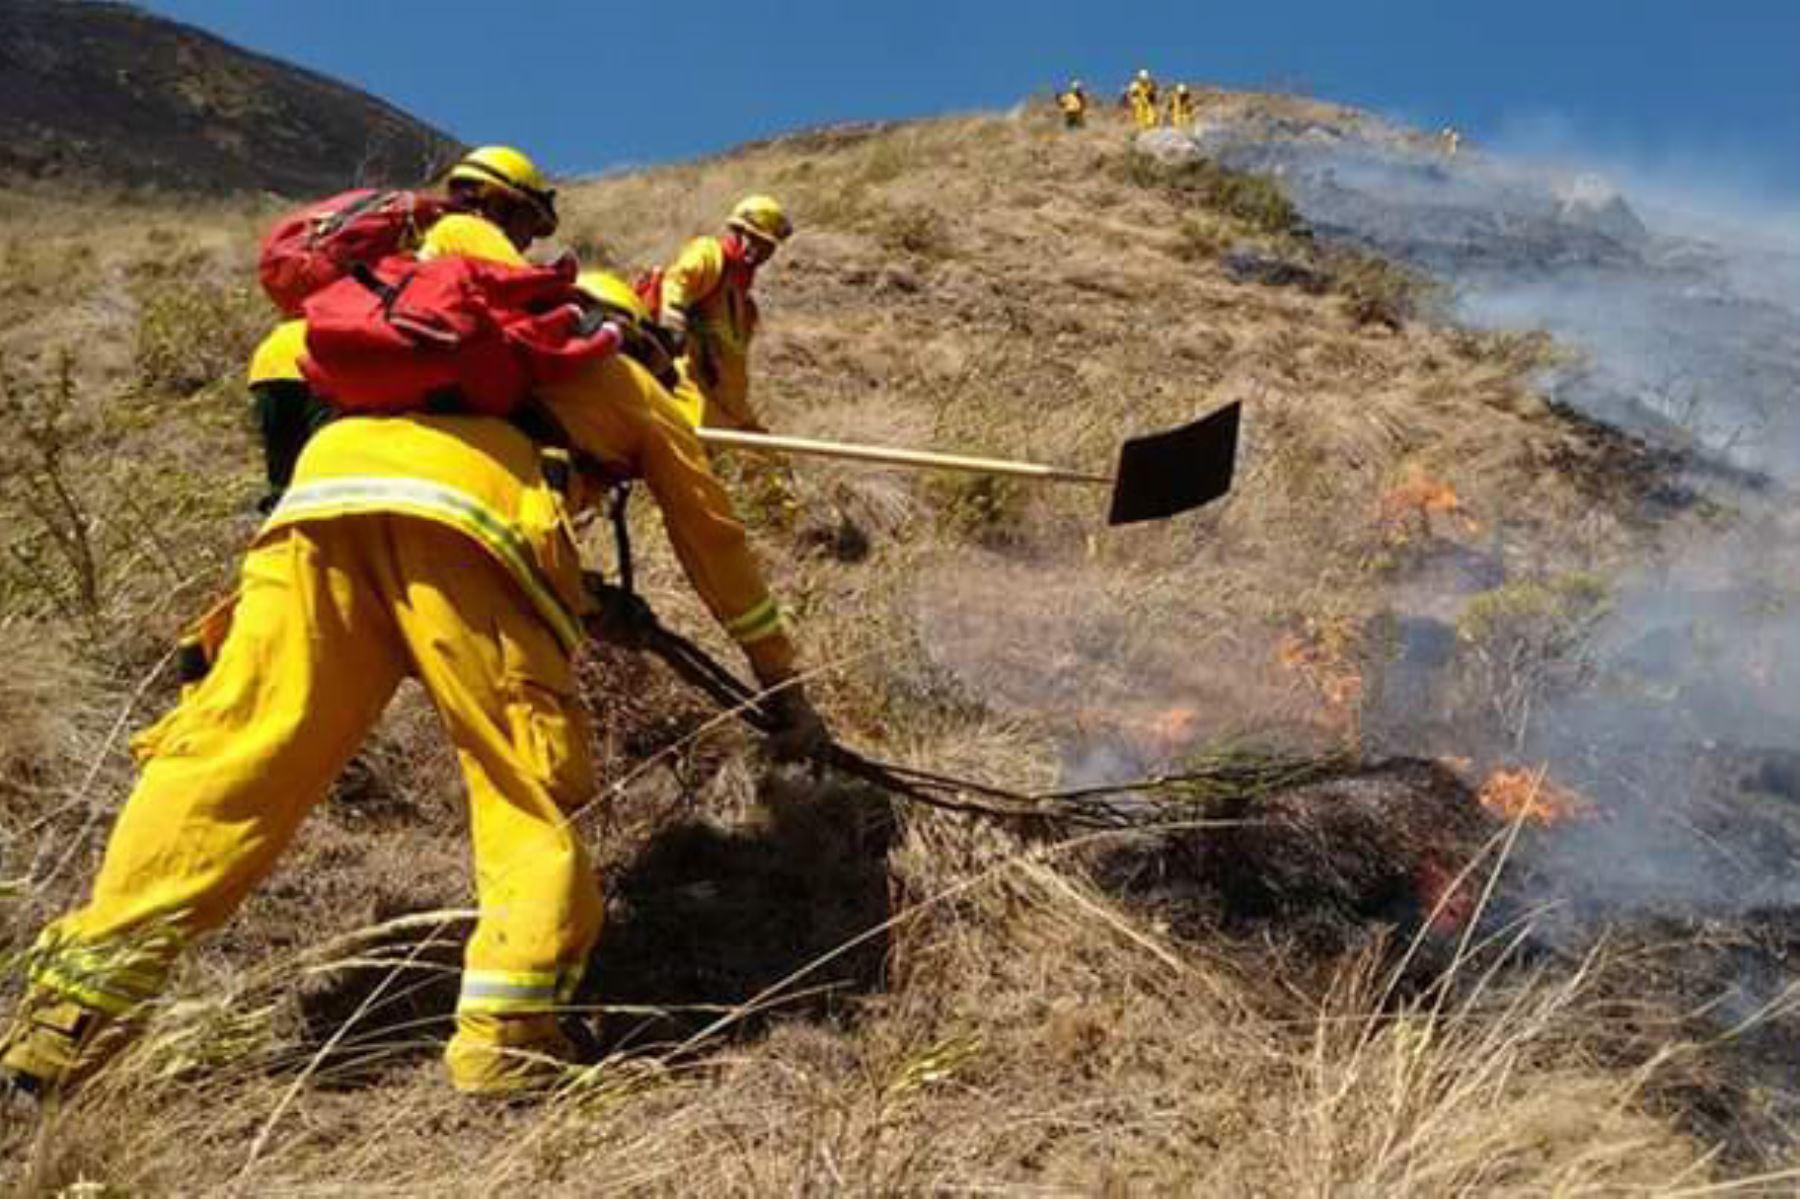 Un incendio se registra en el sector Paleria y Pomac II, en el área del Santuario Histórico Bosque de Pómac, área natural protegida ubicada a 31.5 kilómetros de Chiclayo, en el distrito de Pítipo, provincia de Ferreñafe, región Lambayeque.